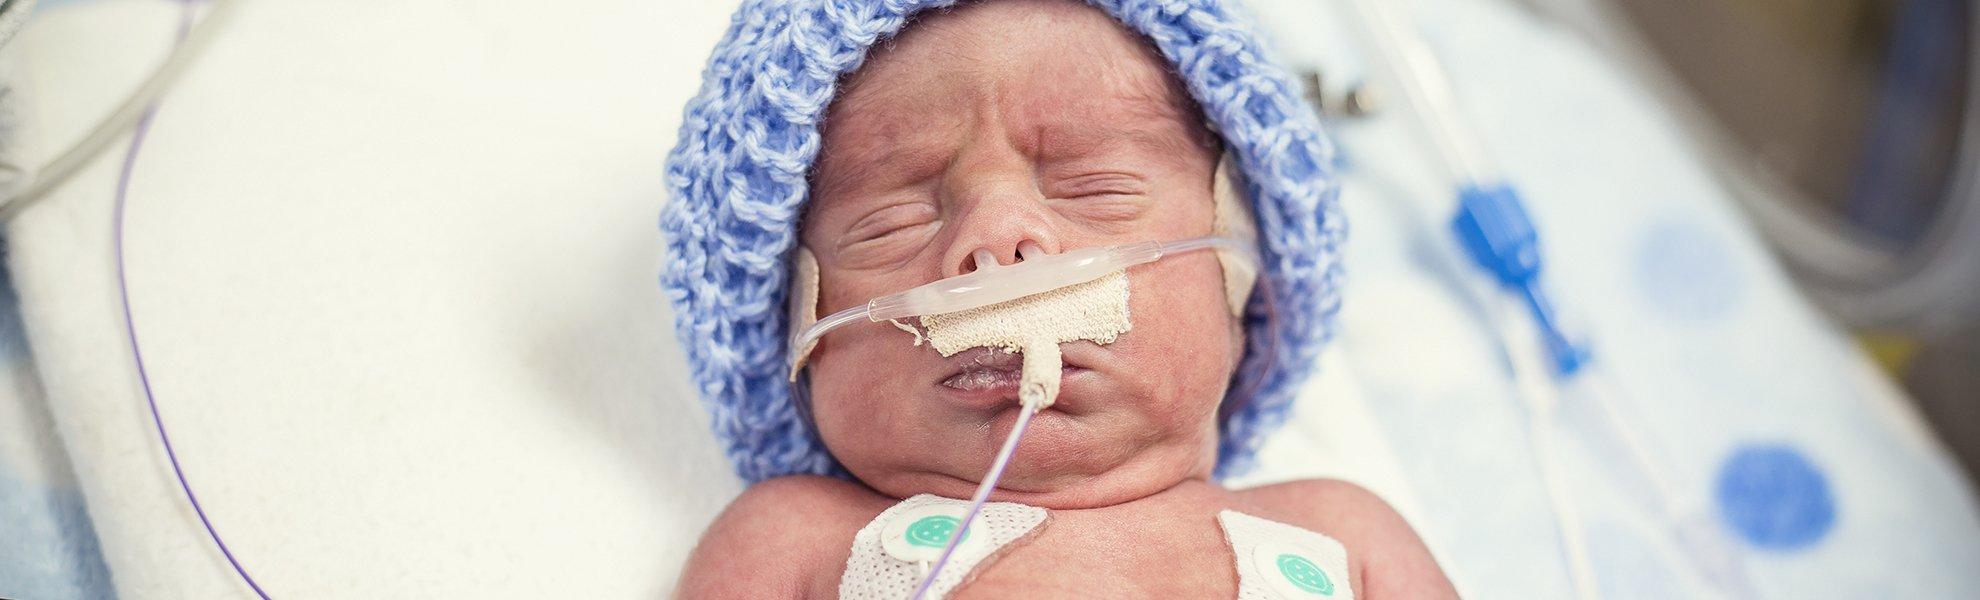 preemie-in-the-nicu-with-blue-cap